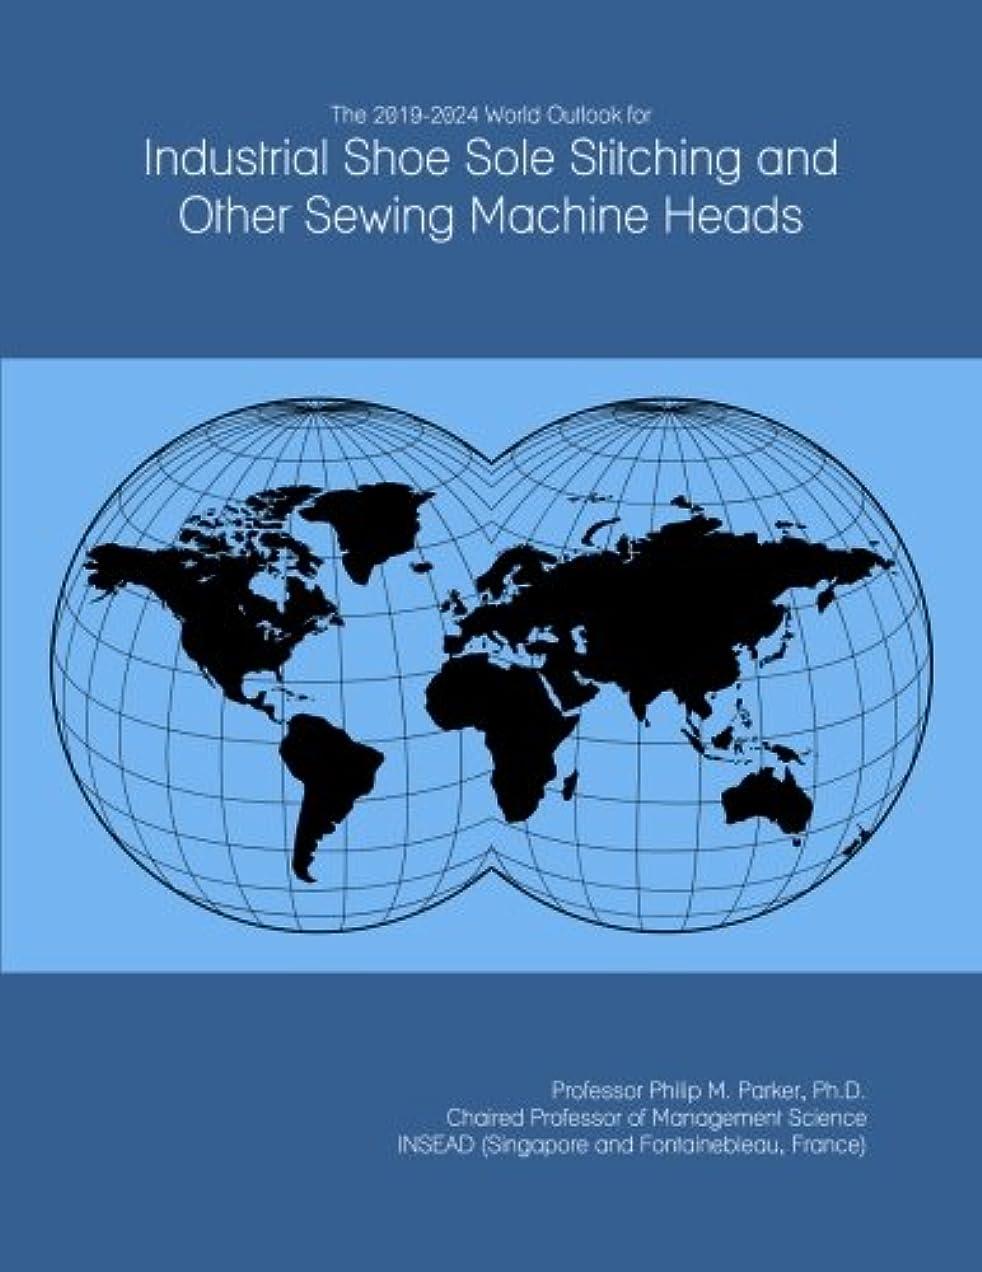 モーション困惑する火山のThe 2019-2024 World Outlook for Industrial Shoe Sole Stitching and Other Sewing Machine Heads